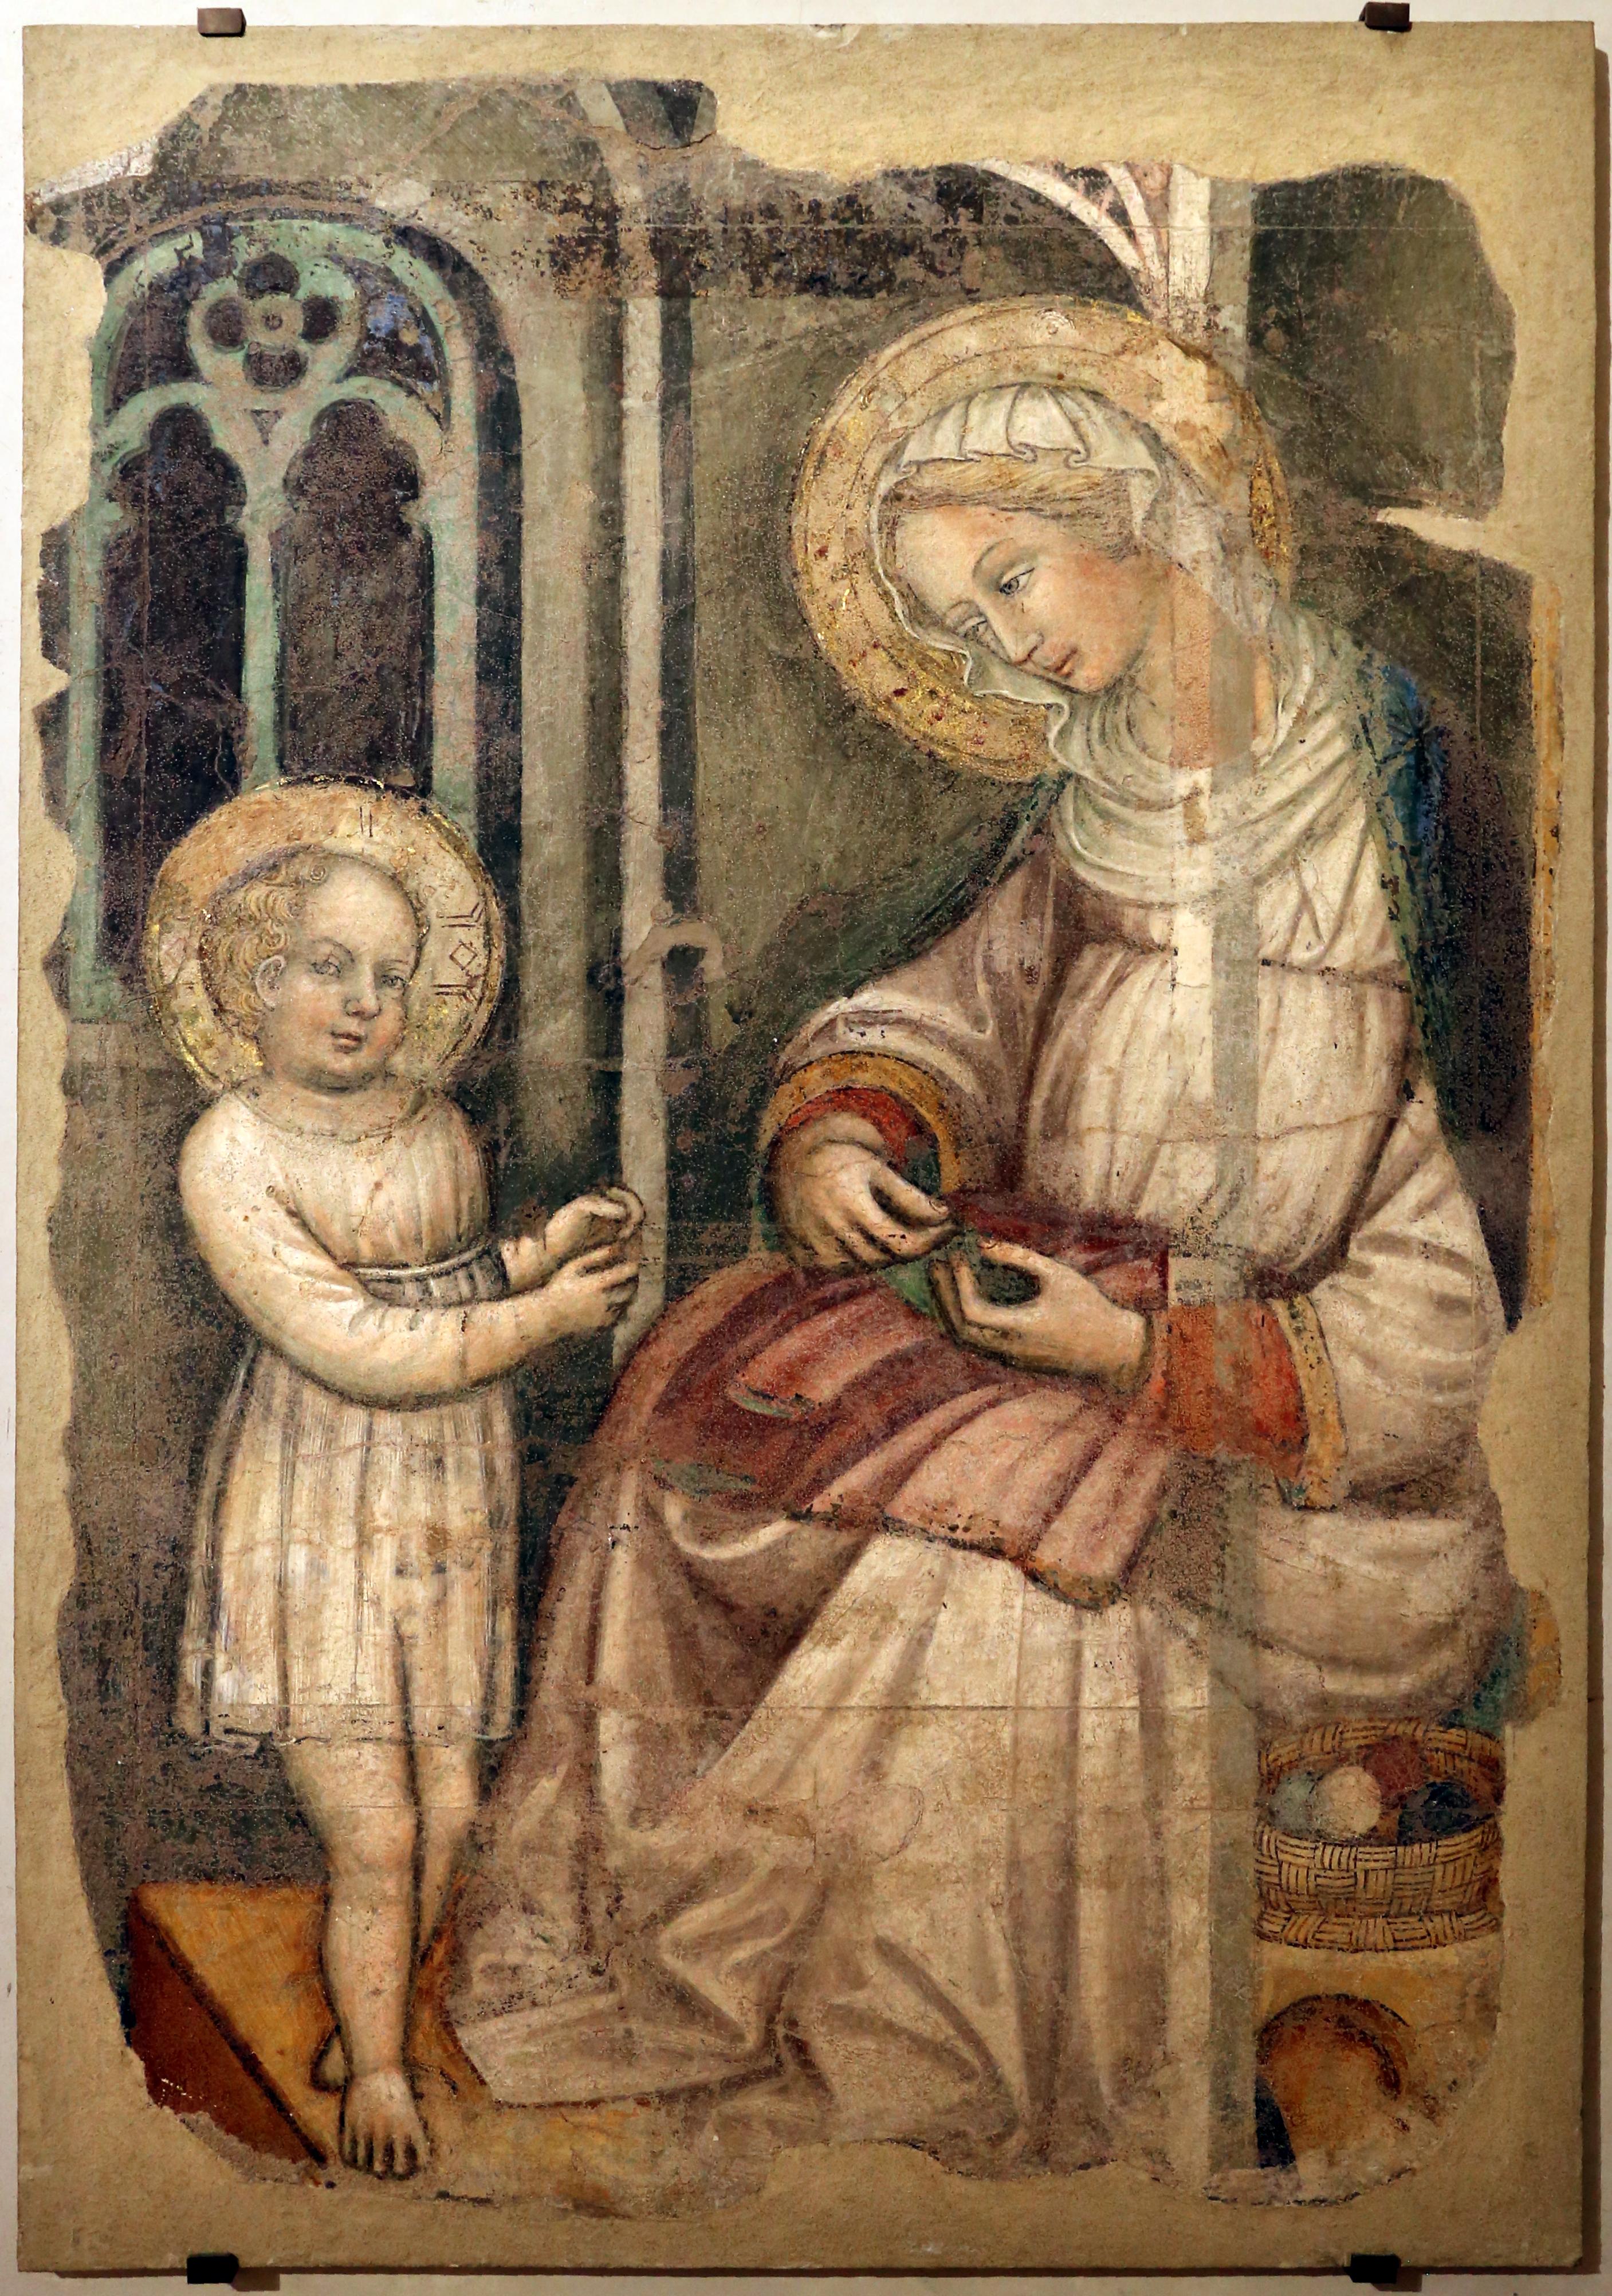 Gesu Bambino Dalla.File Giovanni Di Tano Fei Madonna Che Cuce E Gesu Bambino Che Gioca 1405 10 Ca Dalla Cappella Benci Jpg Wikimedia Commons